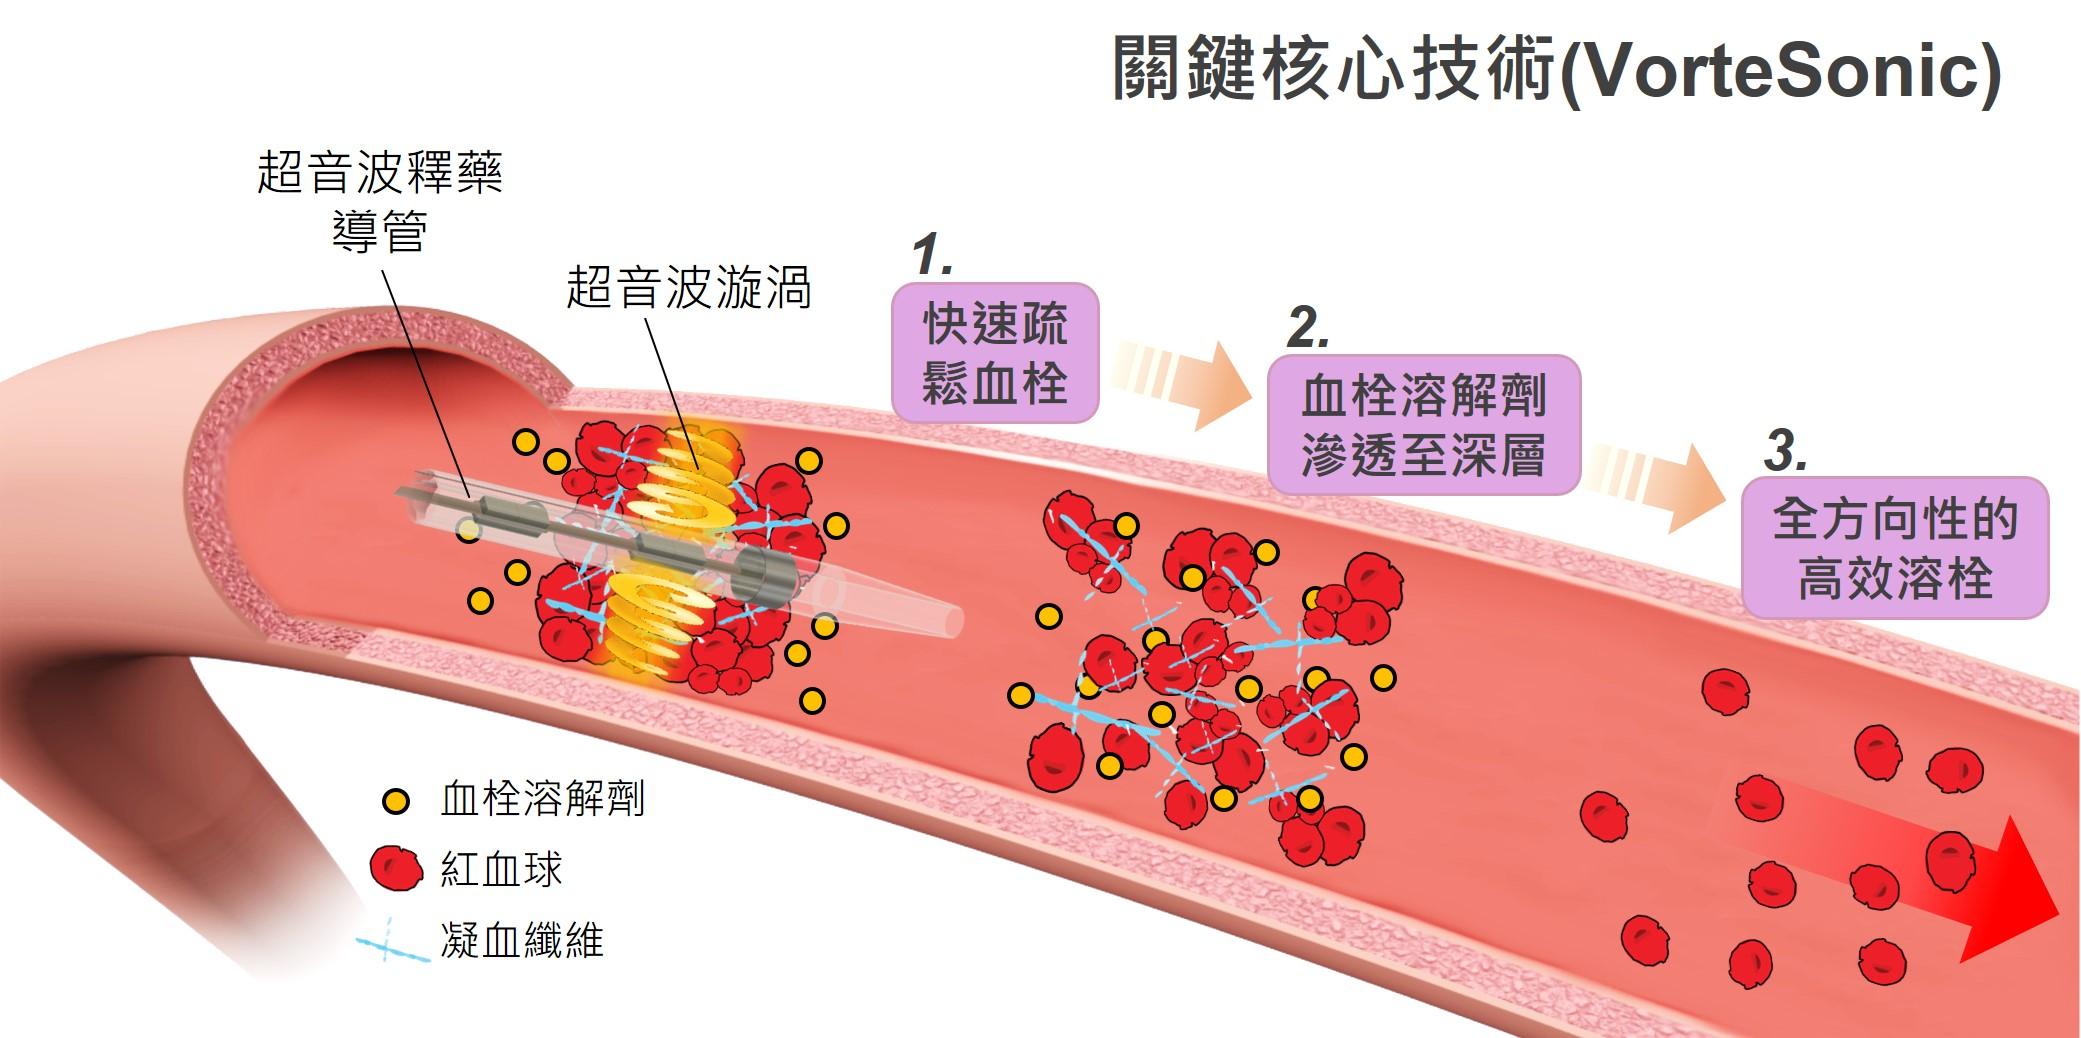 應用於血栓溶解治療之創新超音波漩渦技術